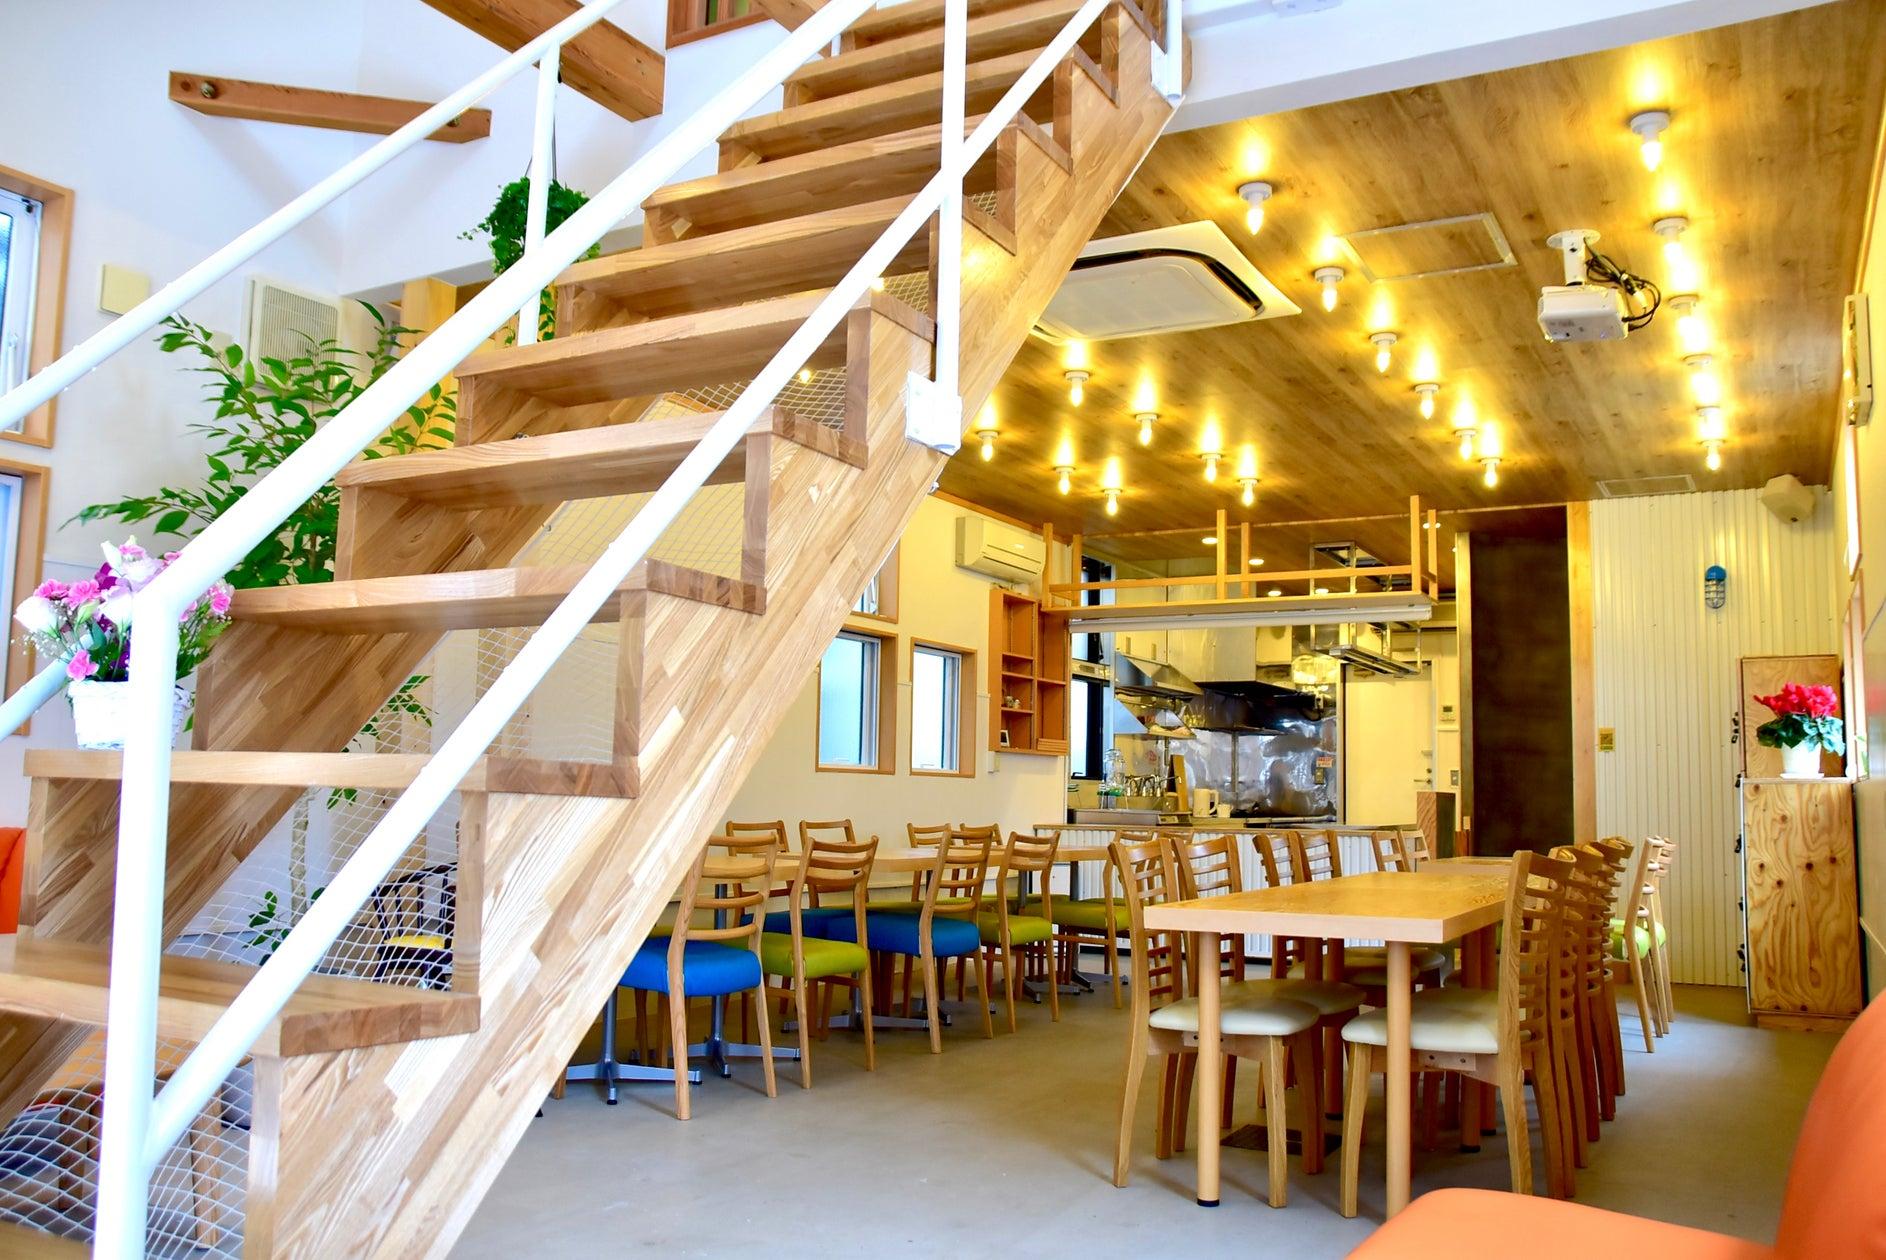 【東西線 葛西駅すぐ】木の温かみを感じる一戸建てスペース パーティ・セミナー・学びの場に。 の写真